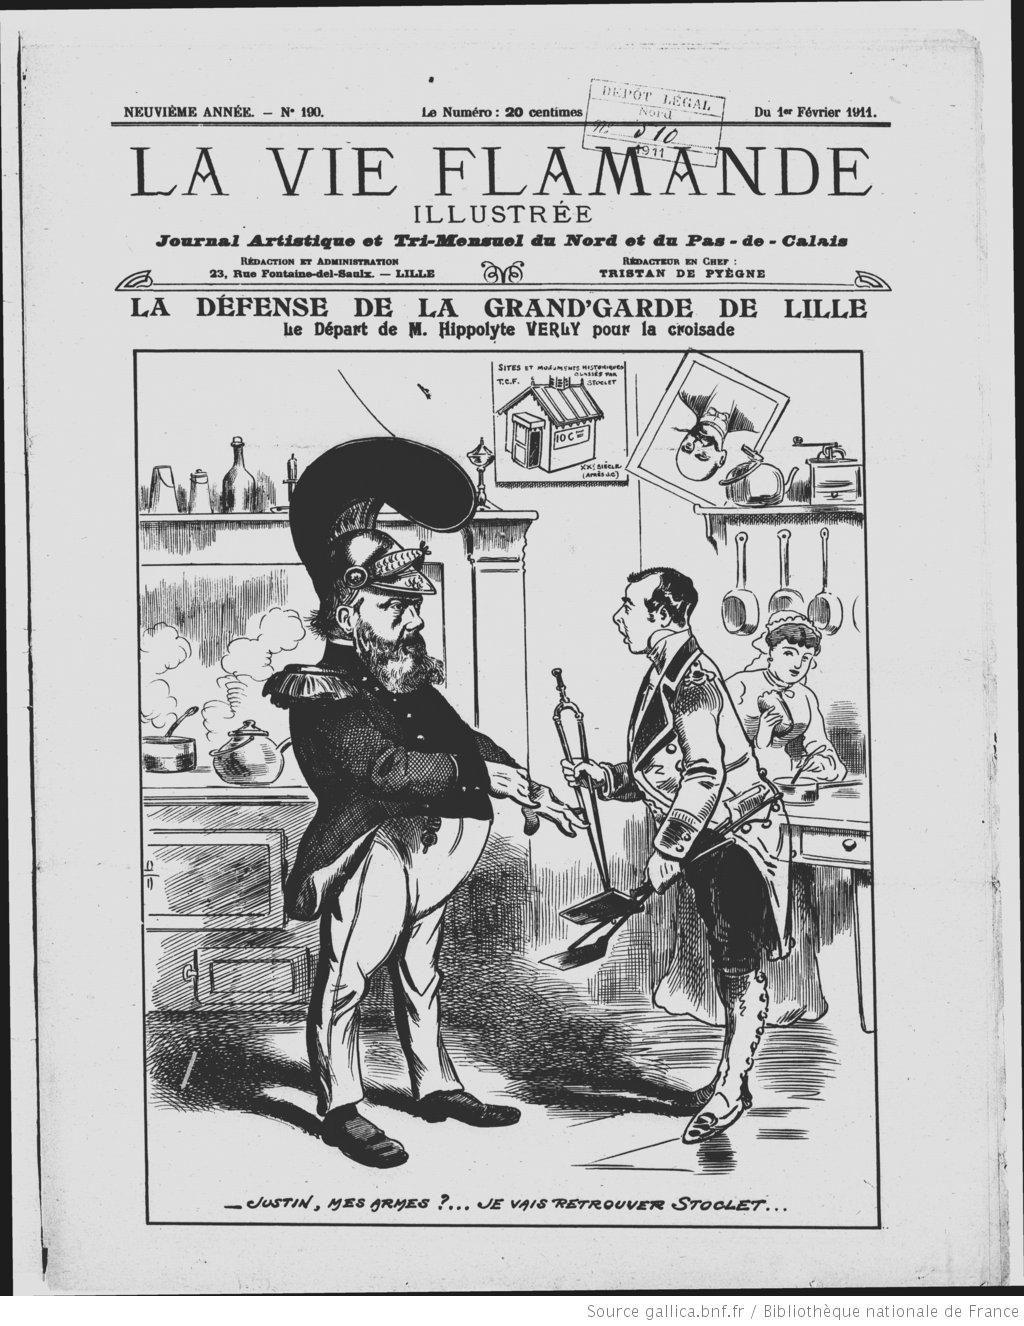 La Vie Flamande Illustrée : journal artistique et littéraire du Nord ...